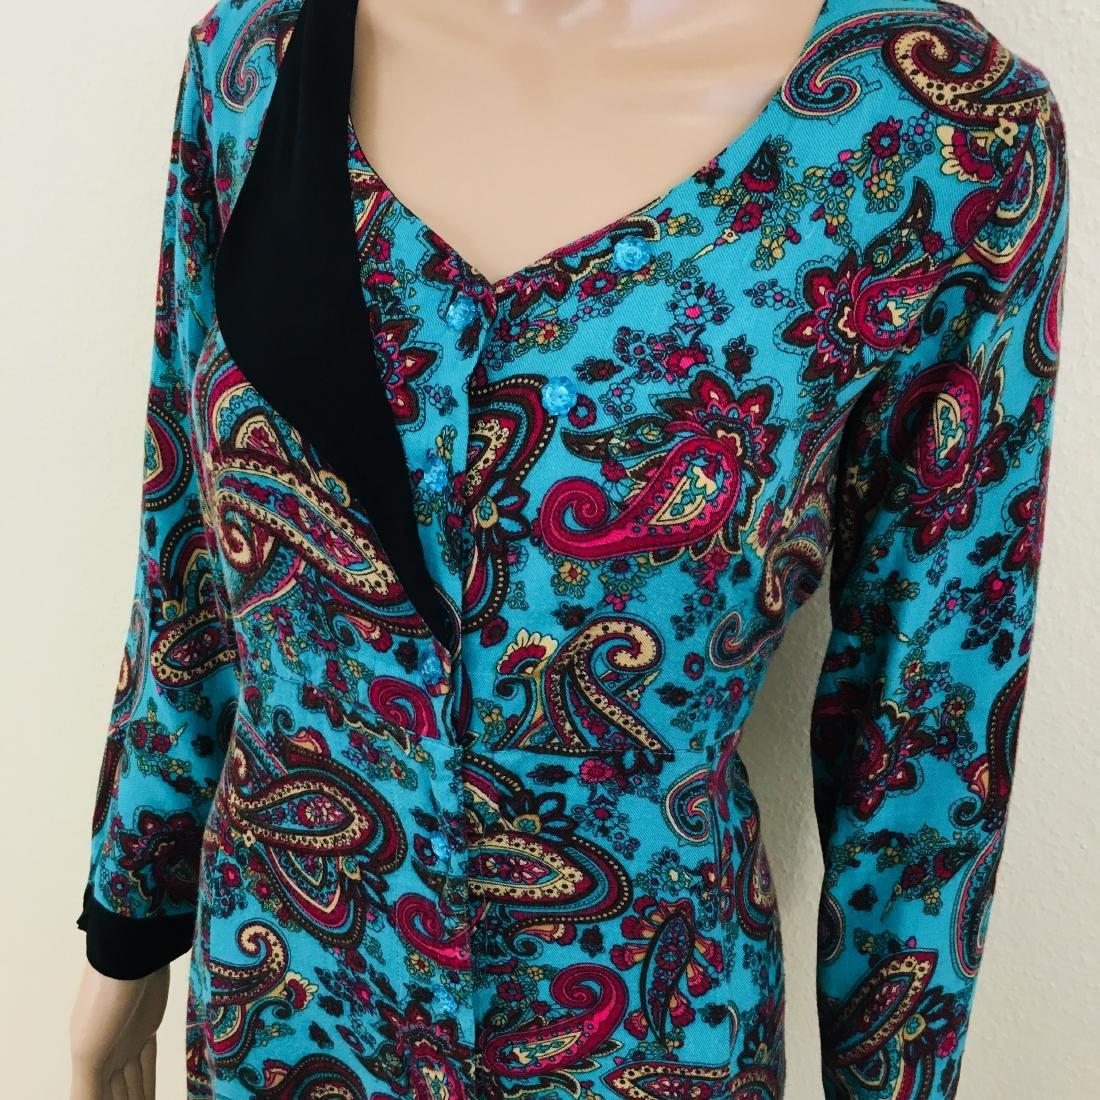 Vintage Women's Handmade Designer Dress - 4